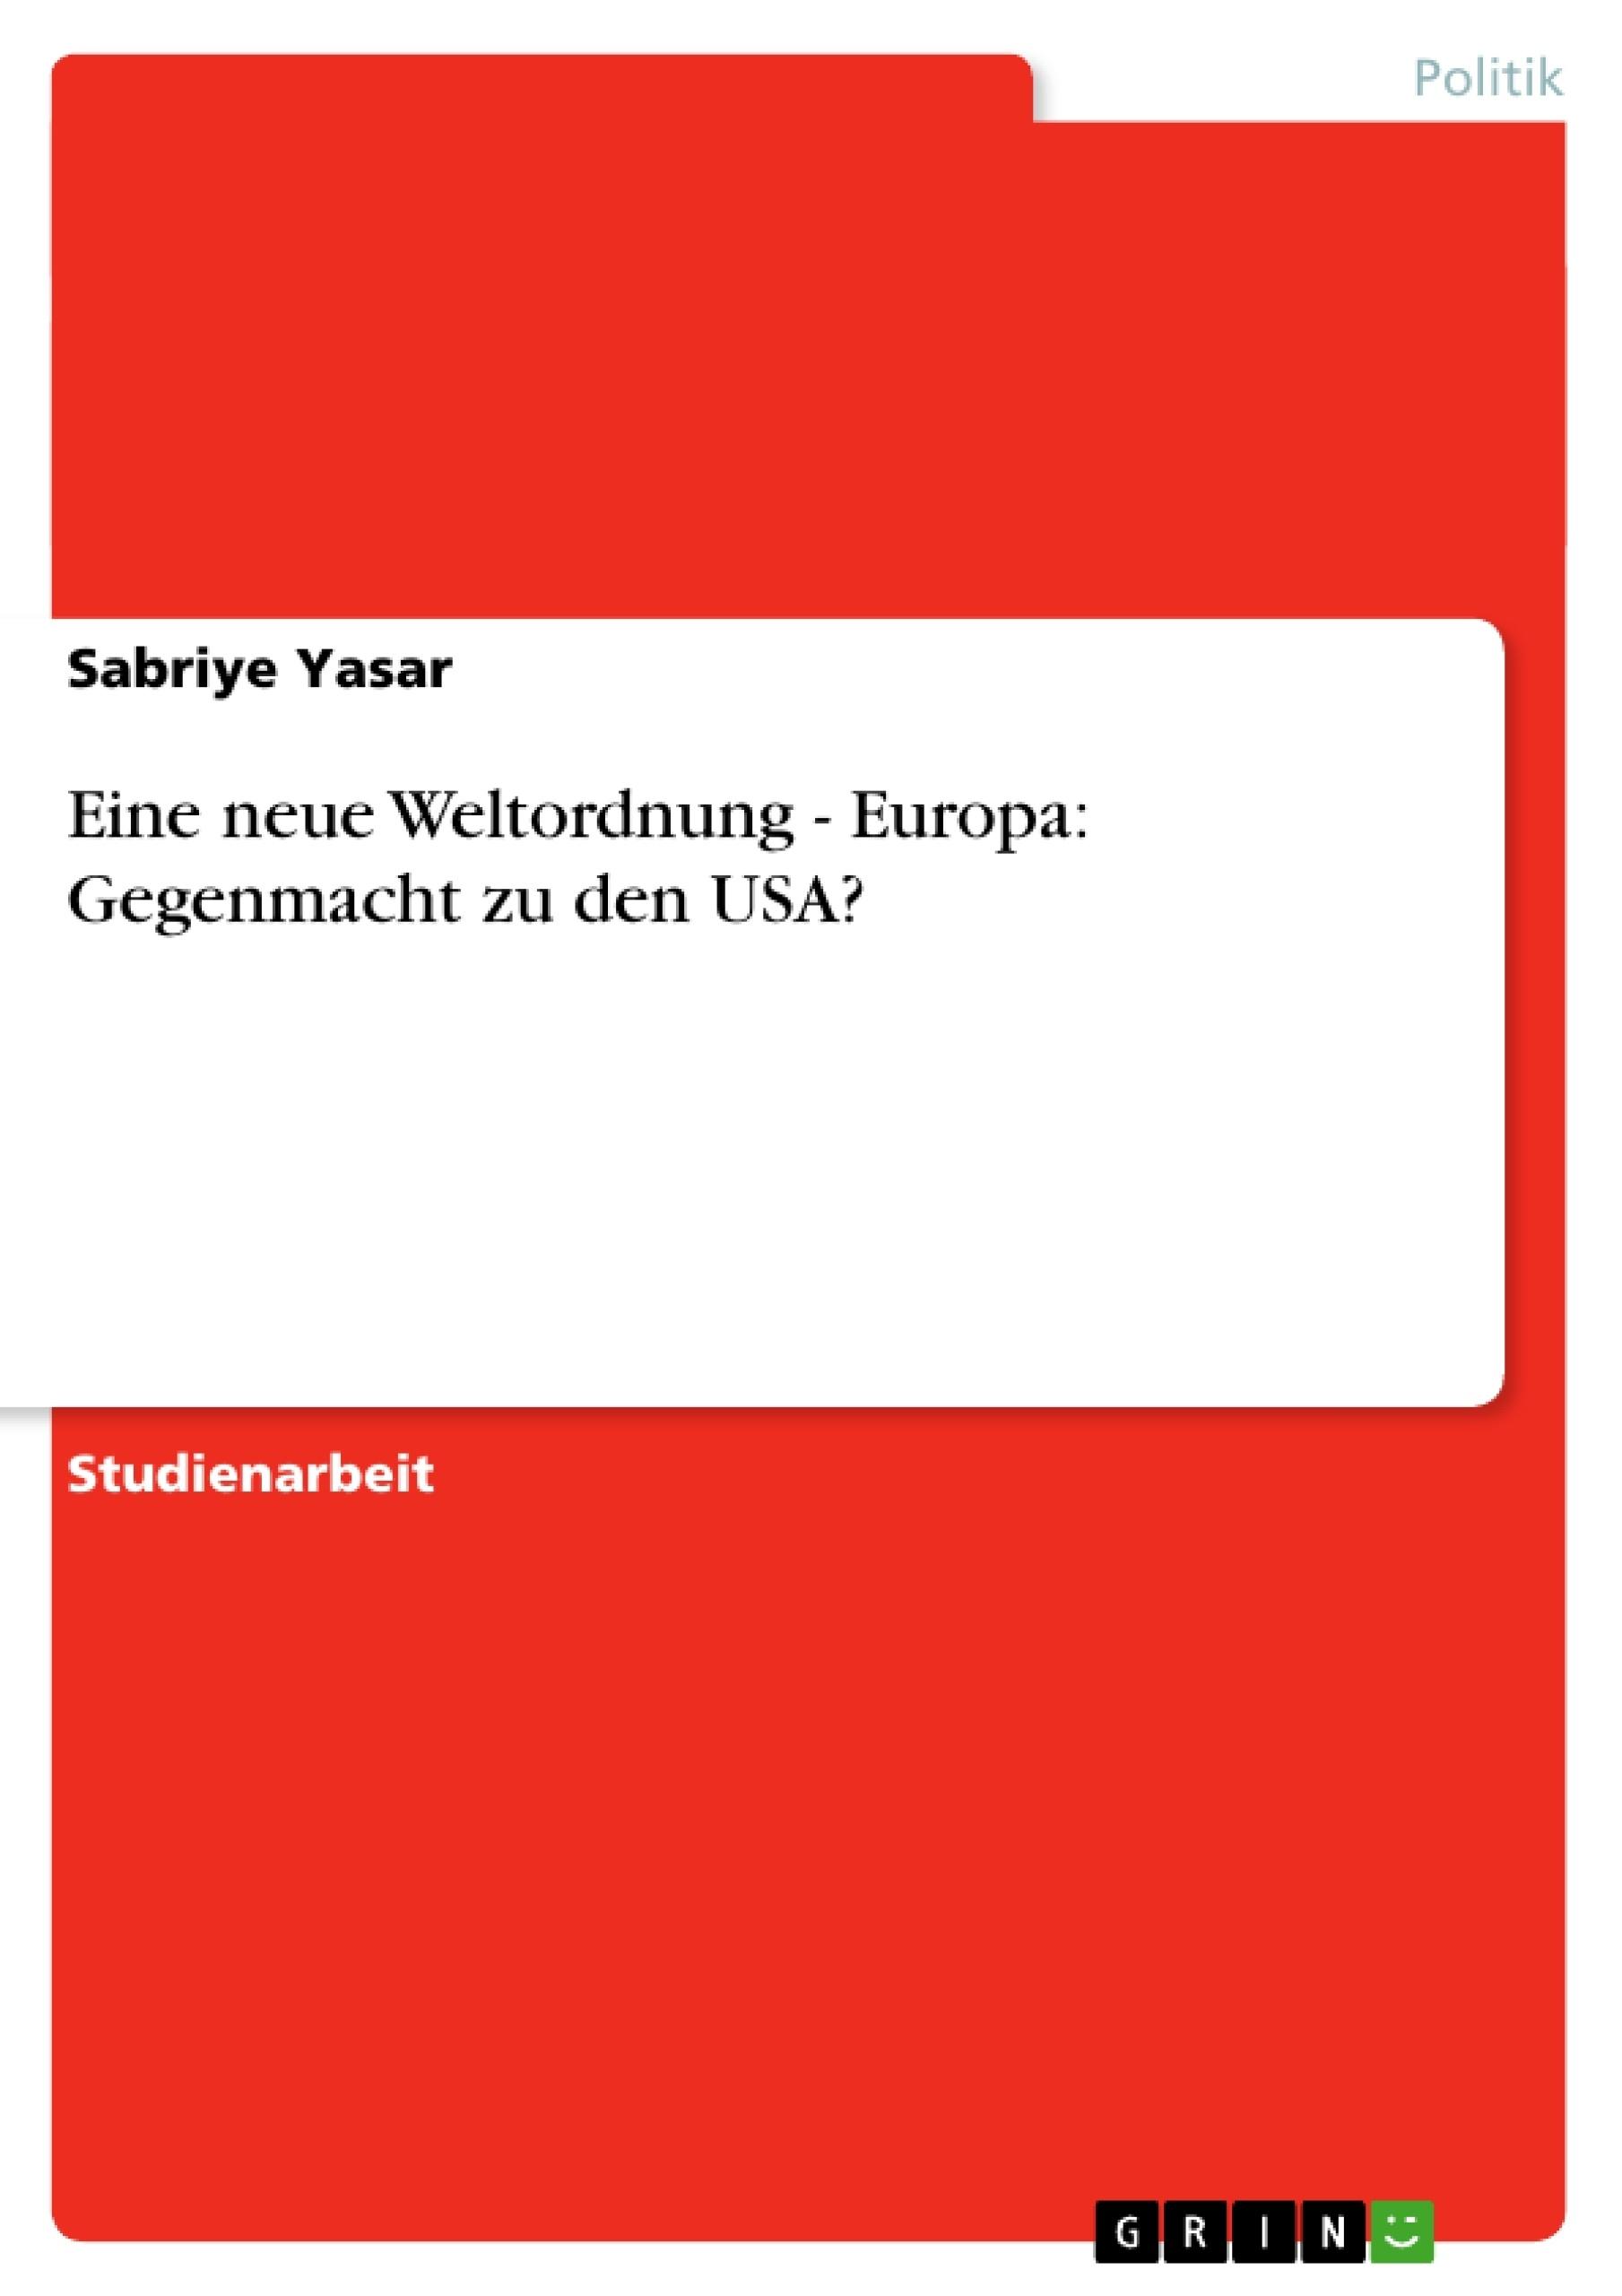 Titel: Eine neue Weltordnung - Europa: Gegenmacht zu den USA?